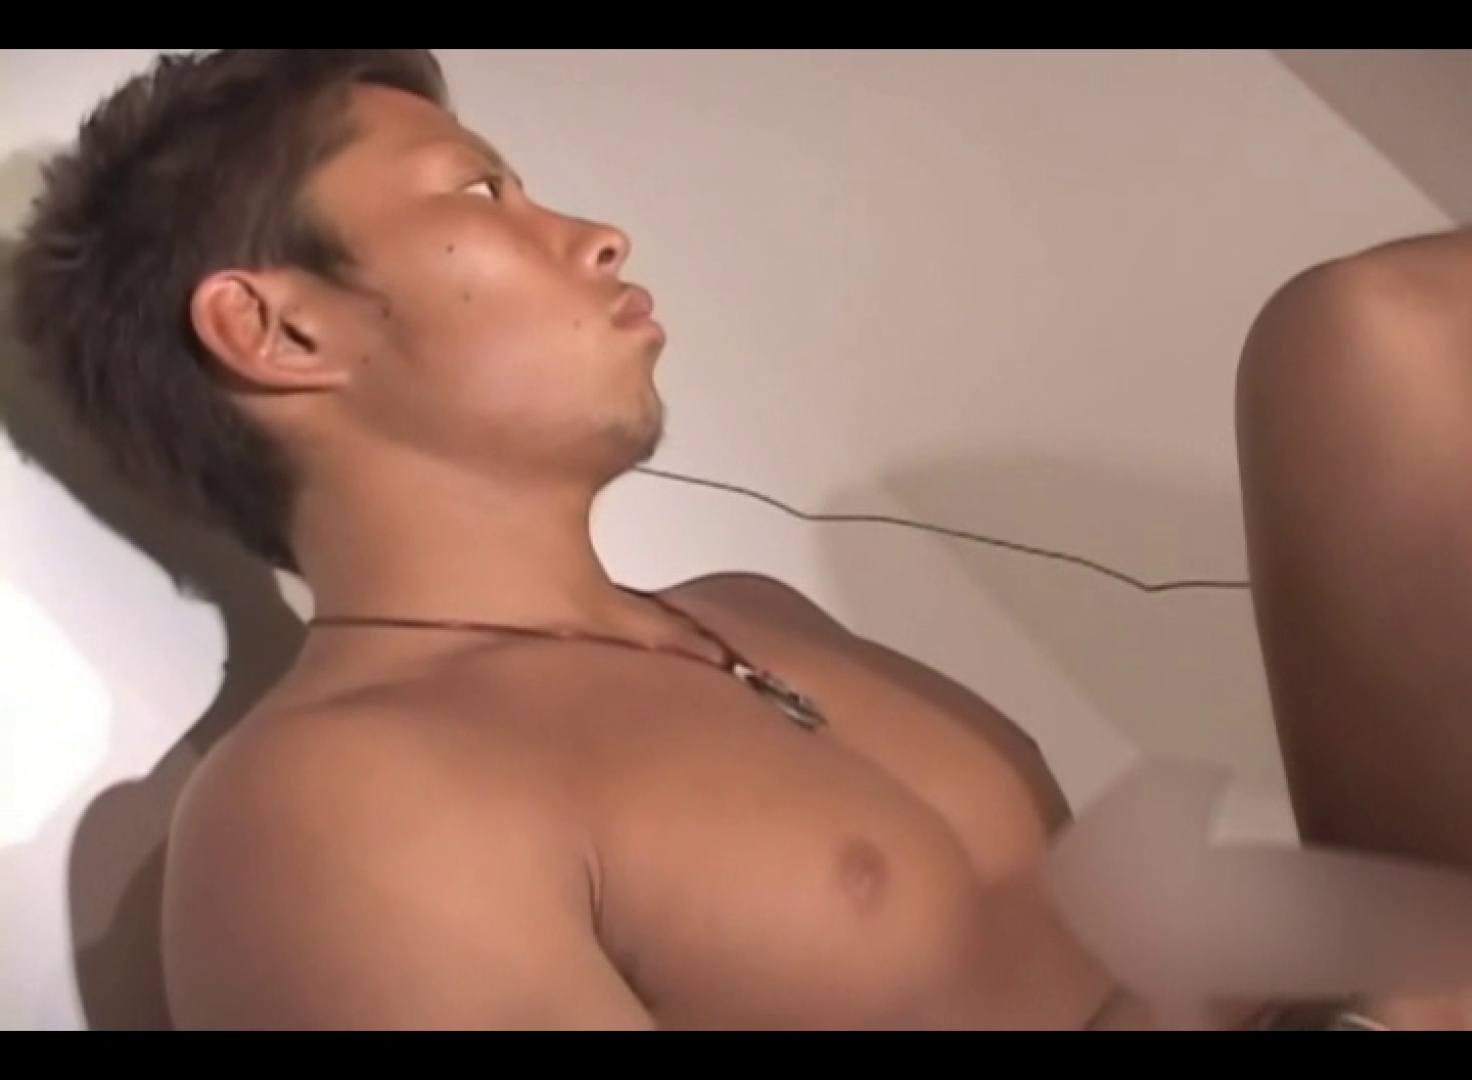 オラオラ系兄さんが超絶テクニックでイクっ!!後編 手コキ ゲイ無修正動画画像 101連発 16